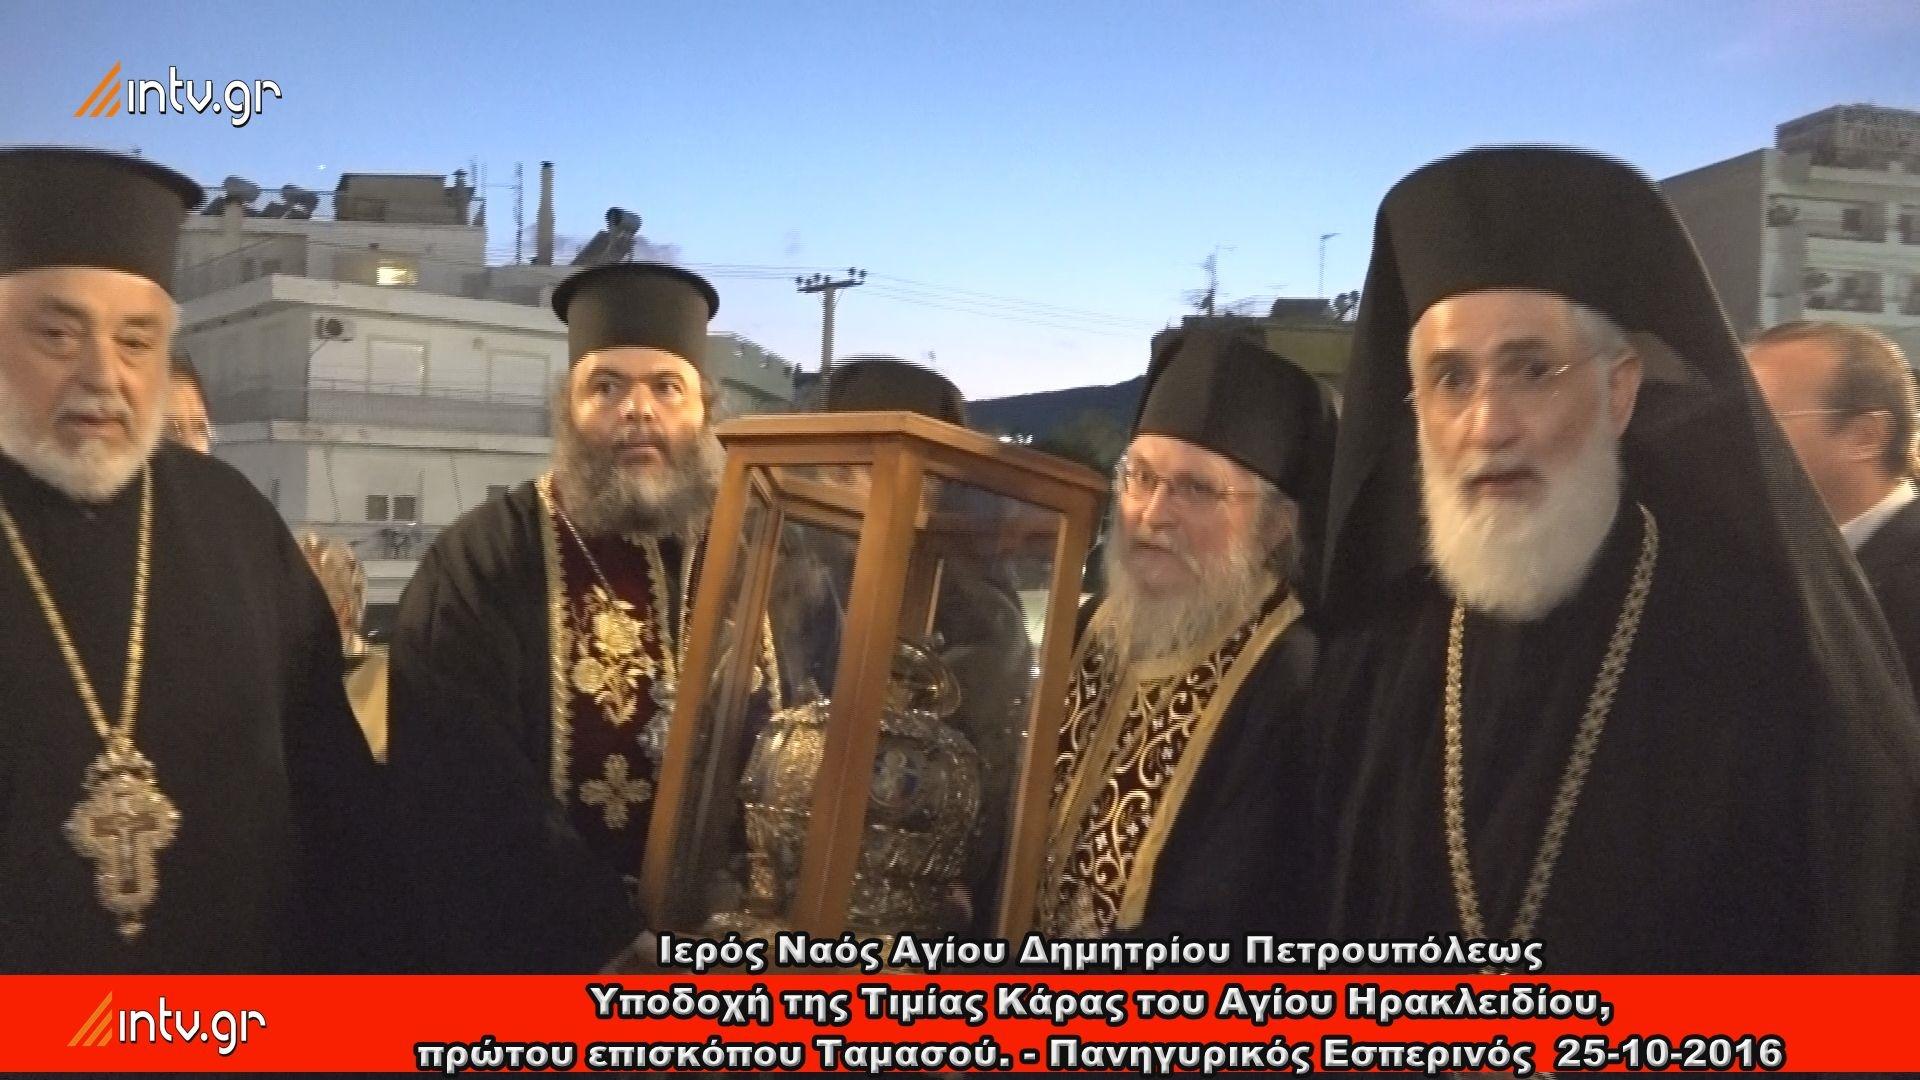 Ιερός Ναός Αγίου Δημητρίου Πετρουπόλεως - Υποδοχή της Τιμίας Κάρας του Αγίου Ηρακλειδίου, πρώτου επισκόπου Ταμασού. - Πανηγυρικός Εσπερινός